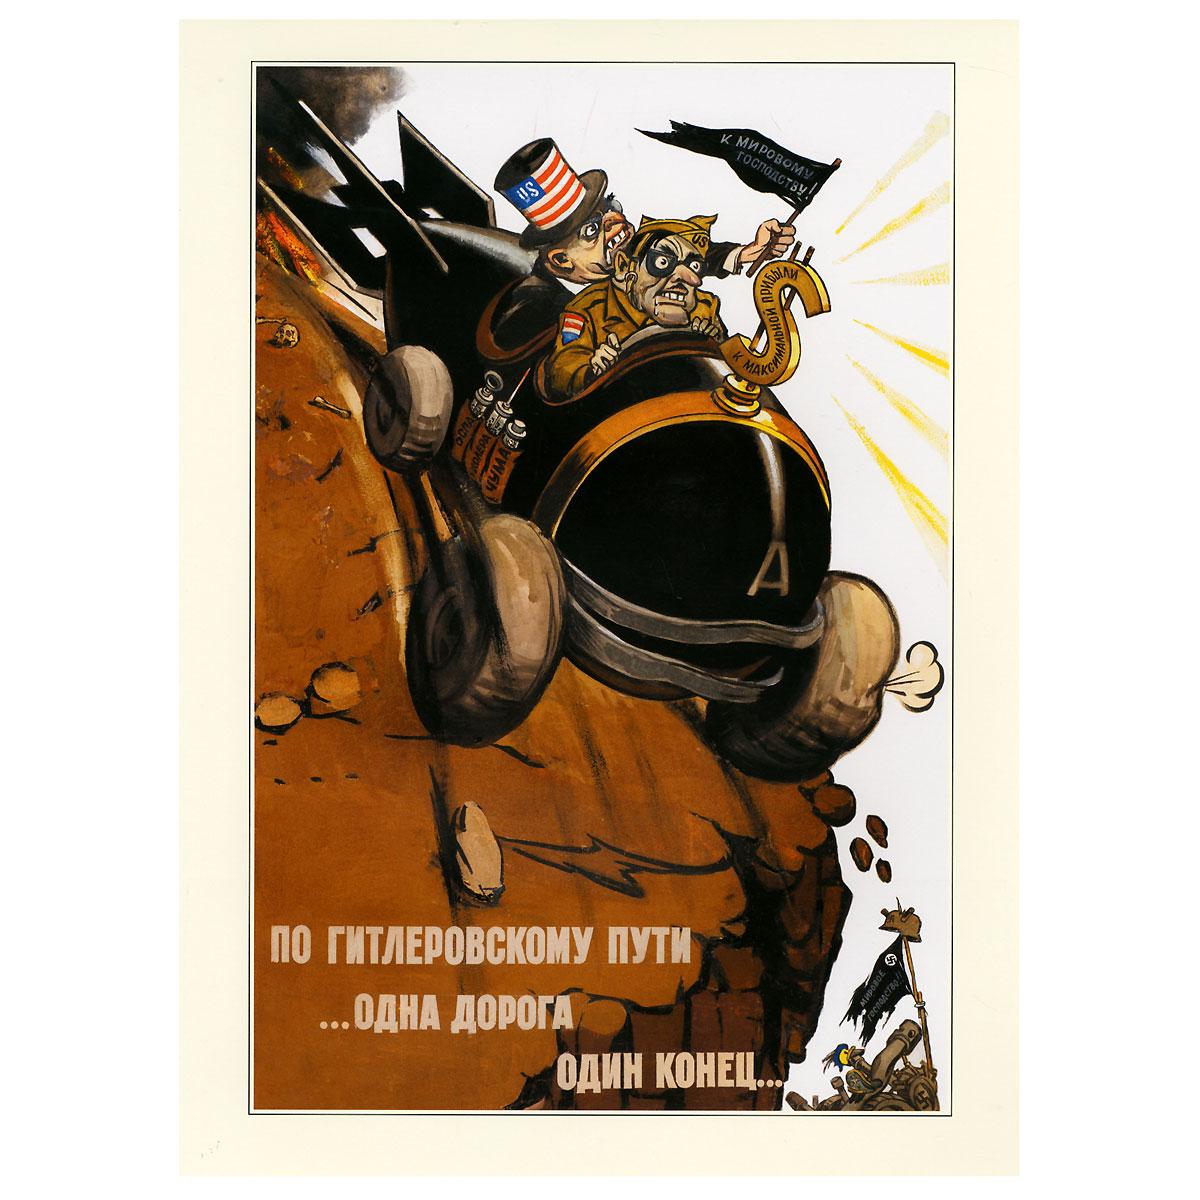 Советский антиамериканский плакат. Из коллекции Серго Григоряна